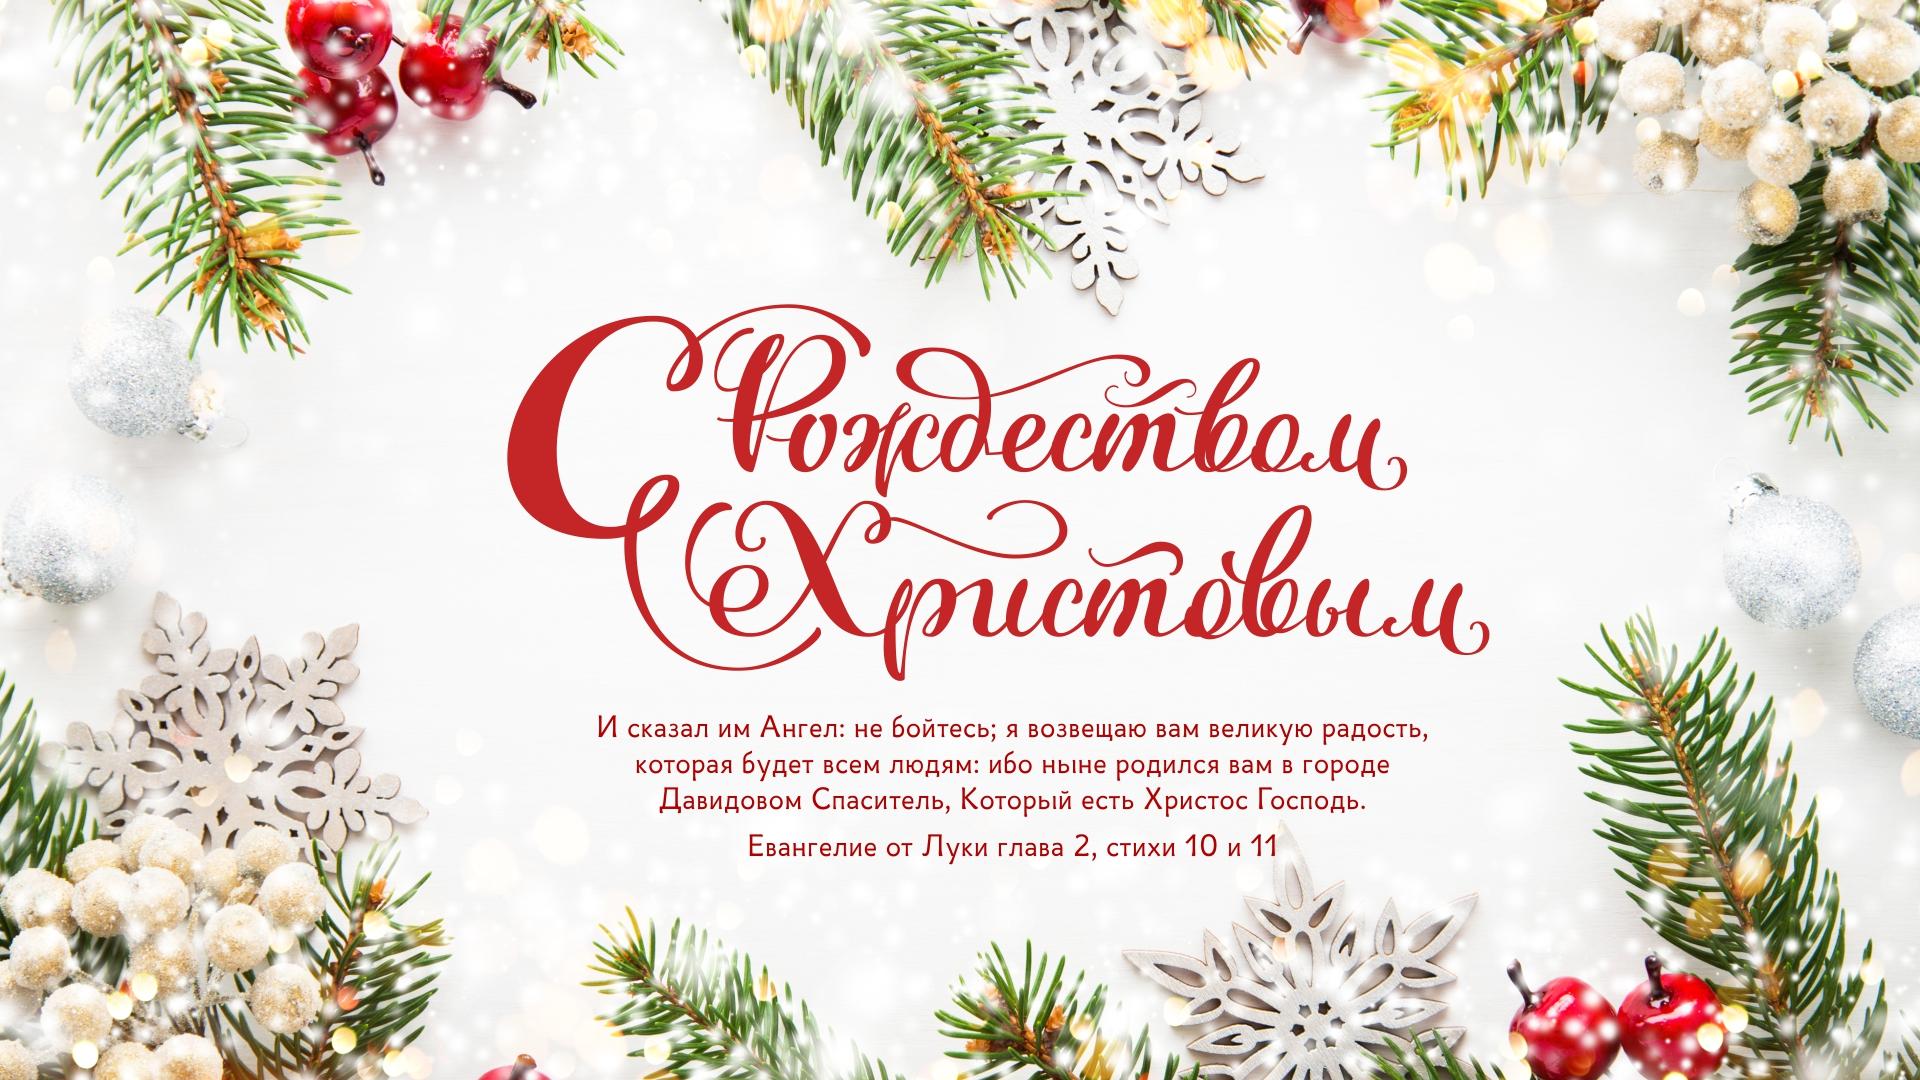 Начальствующий епископ РЦХВЕ Эдуард Грабовенко поздравил с Новым годом и Рождеством Христовым